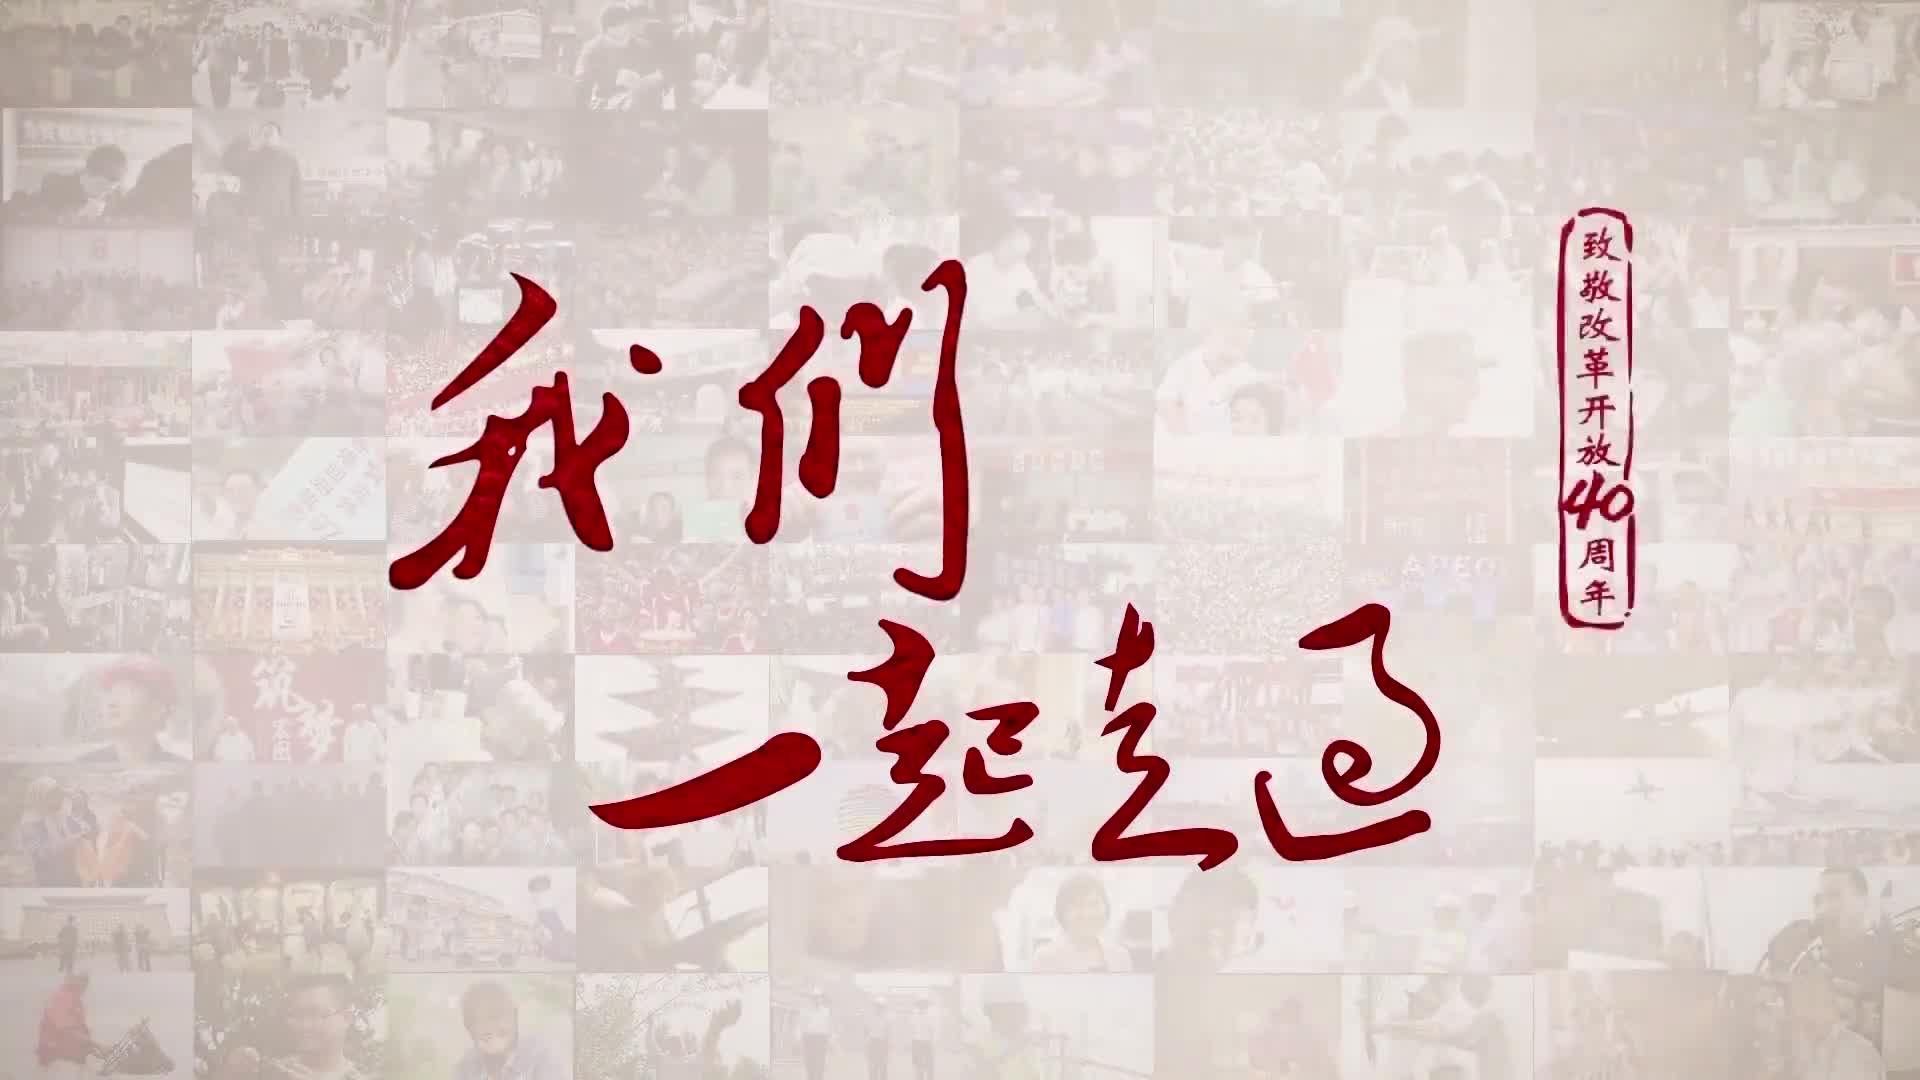 《我们一起走过——致敬改革开放40周年》第十一、十二集